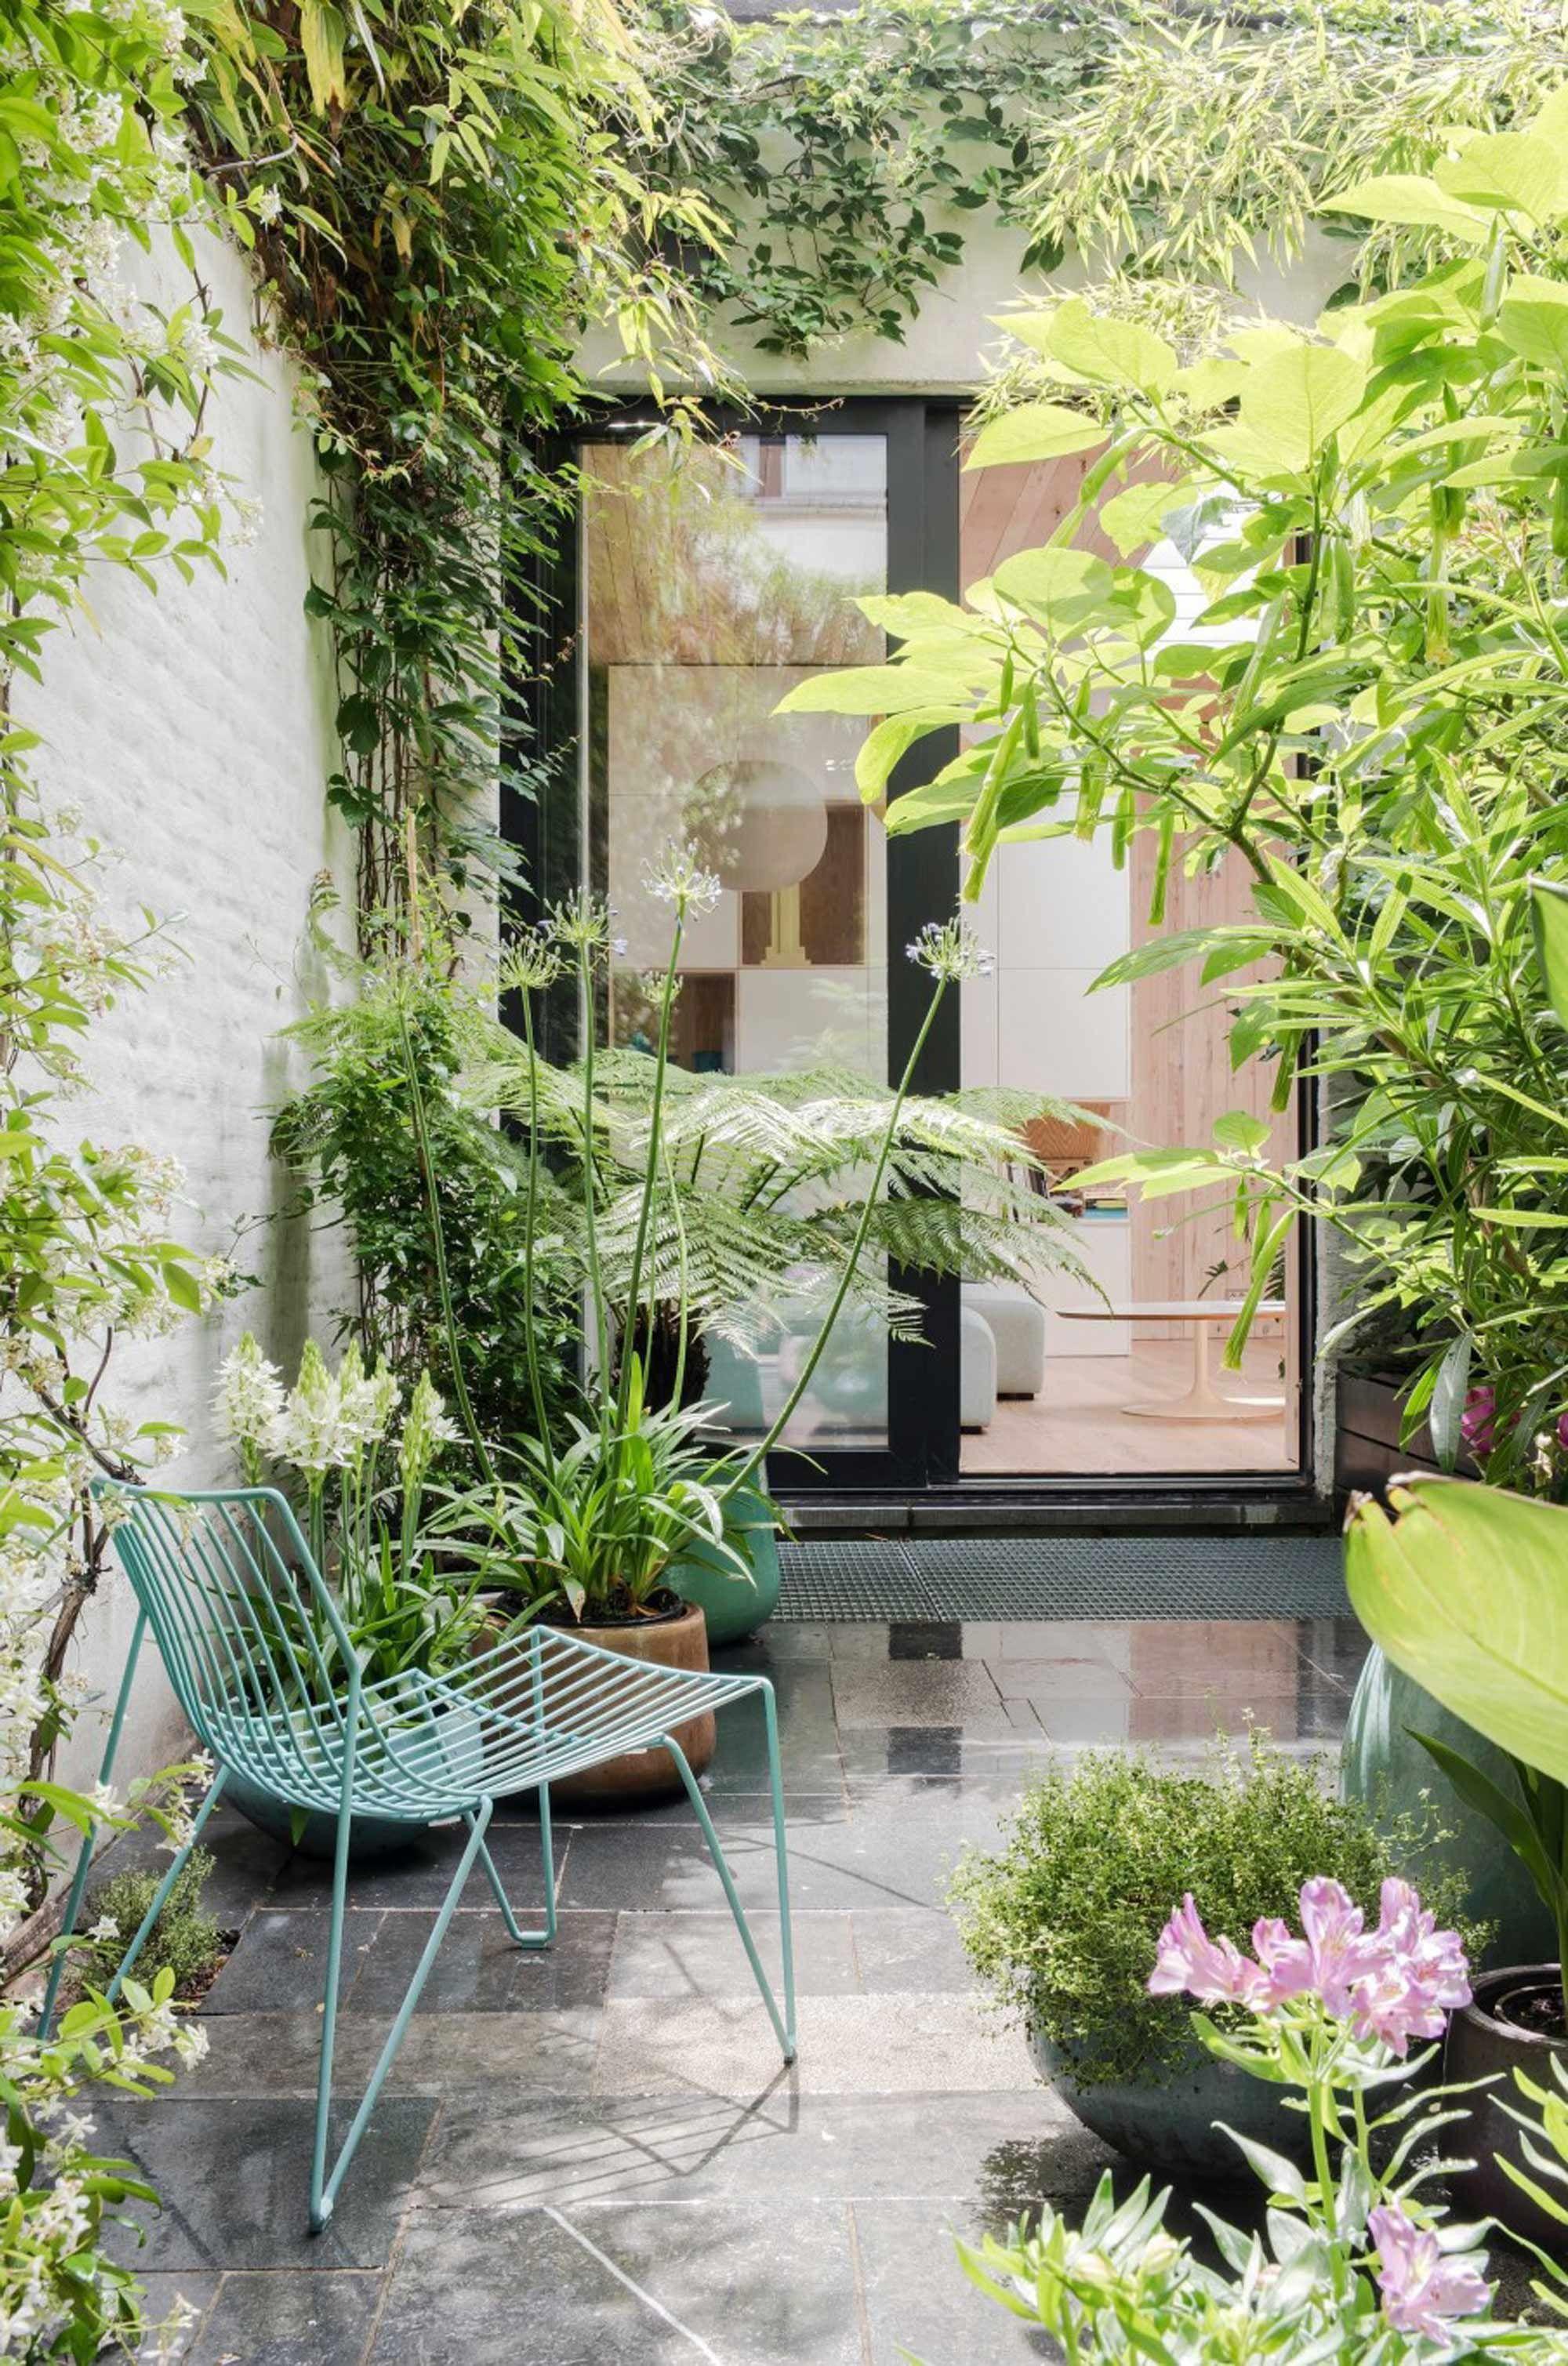 kleine tuin binnenplaats klimop begroeiing planten Garden